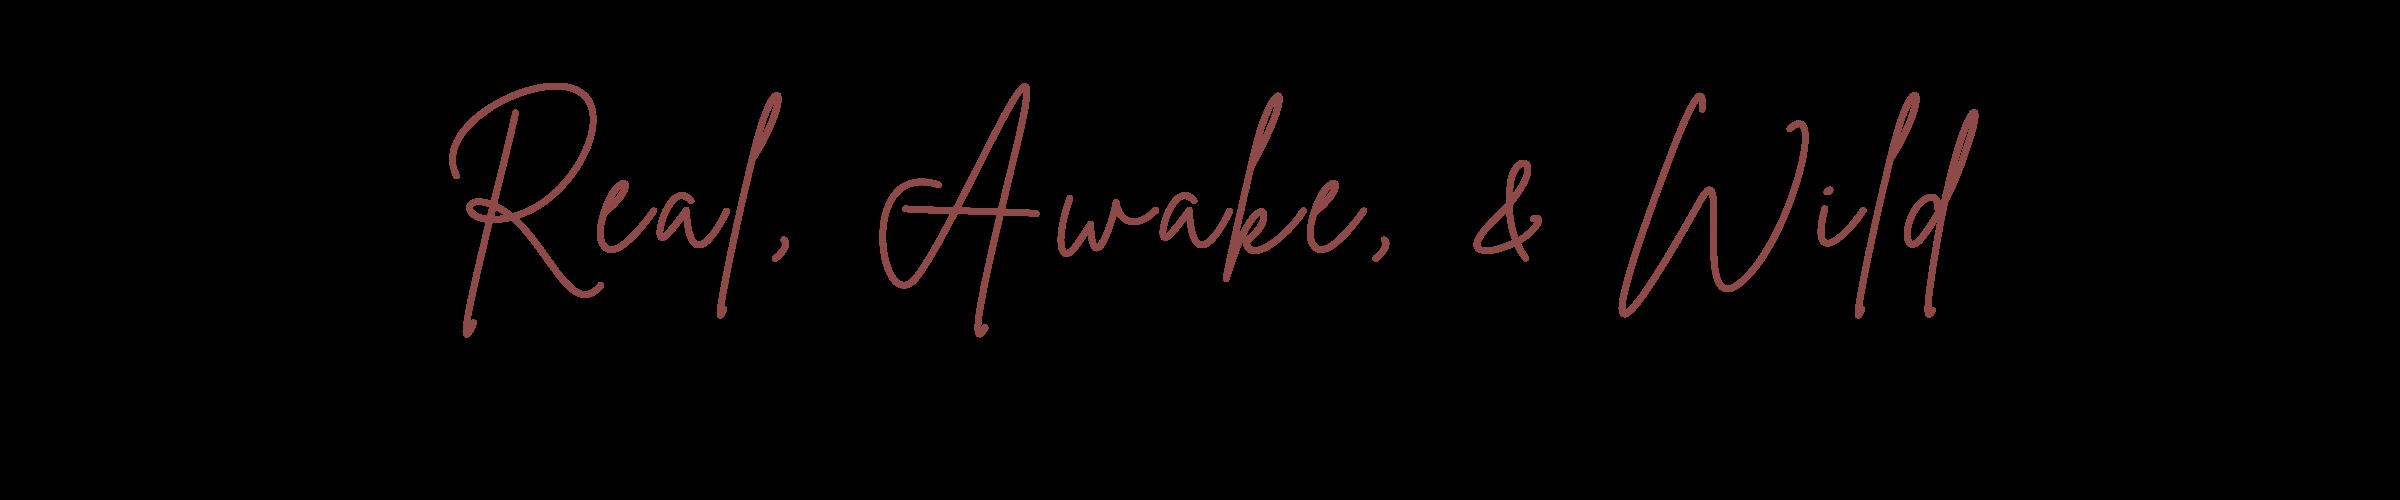 Real Awake Wild Banner (1)